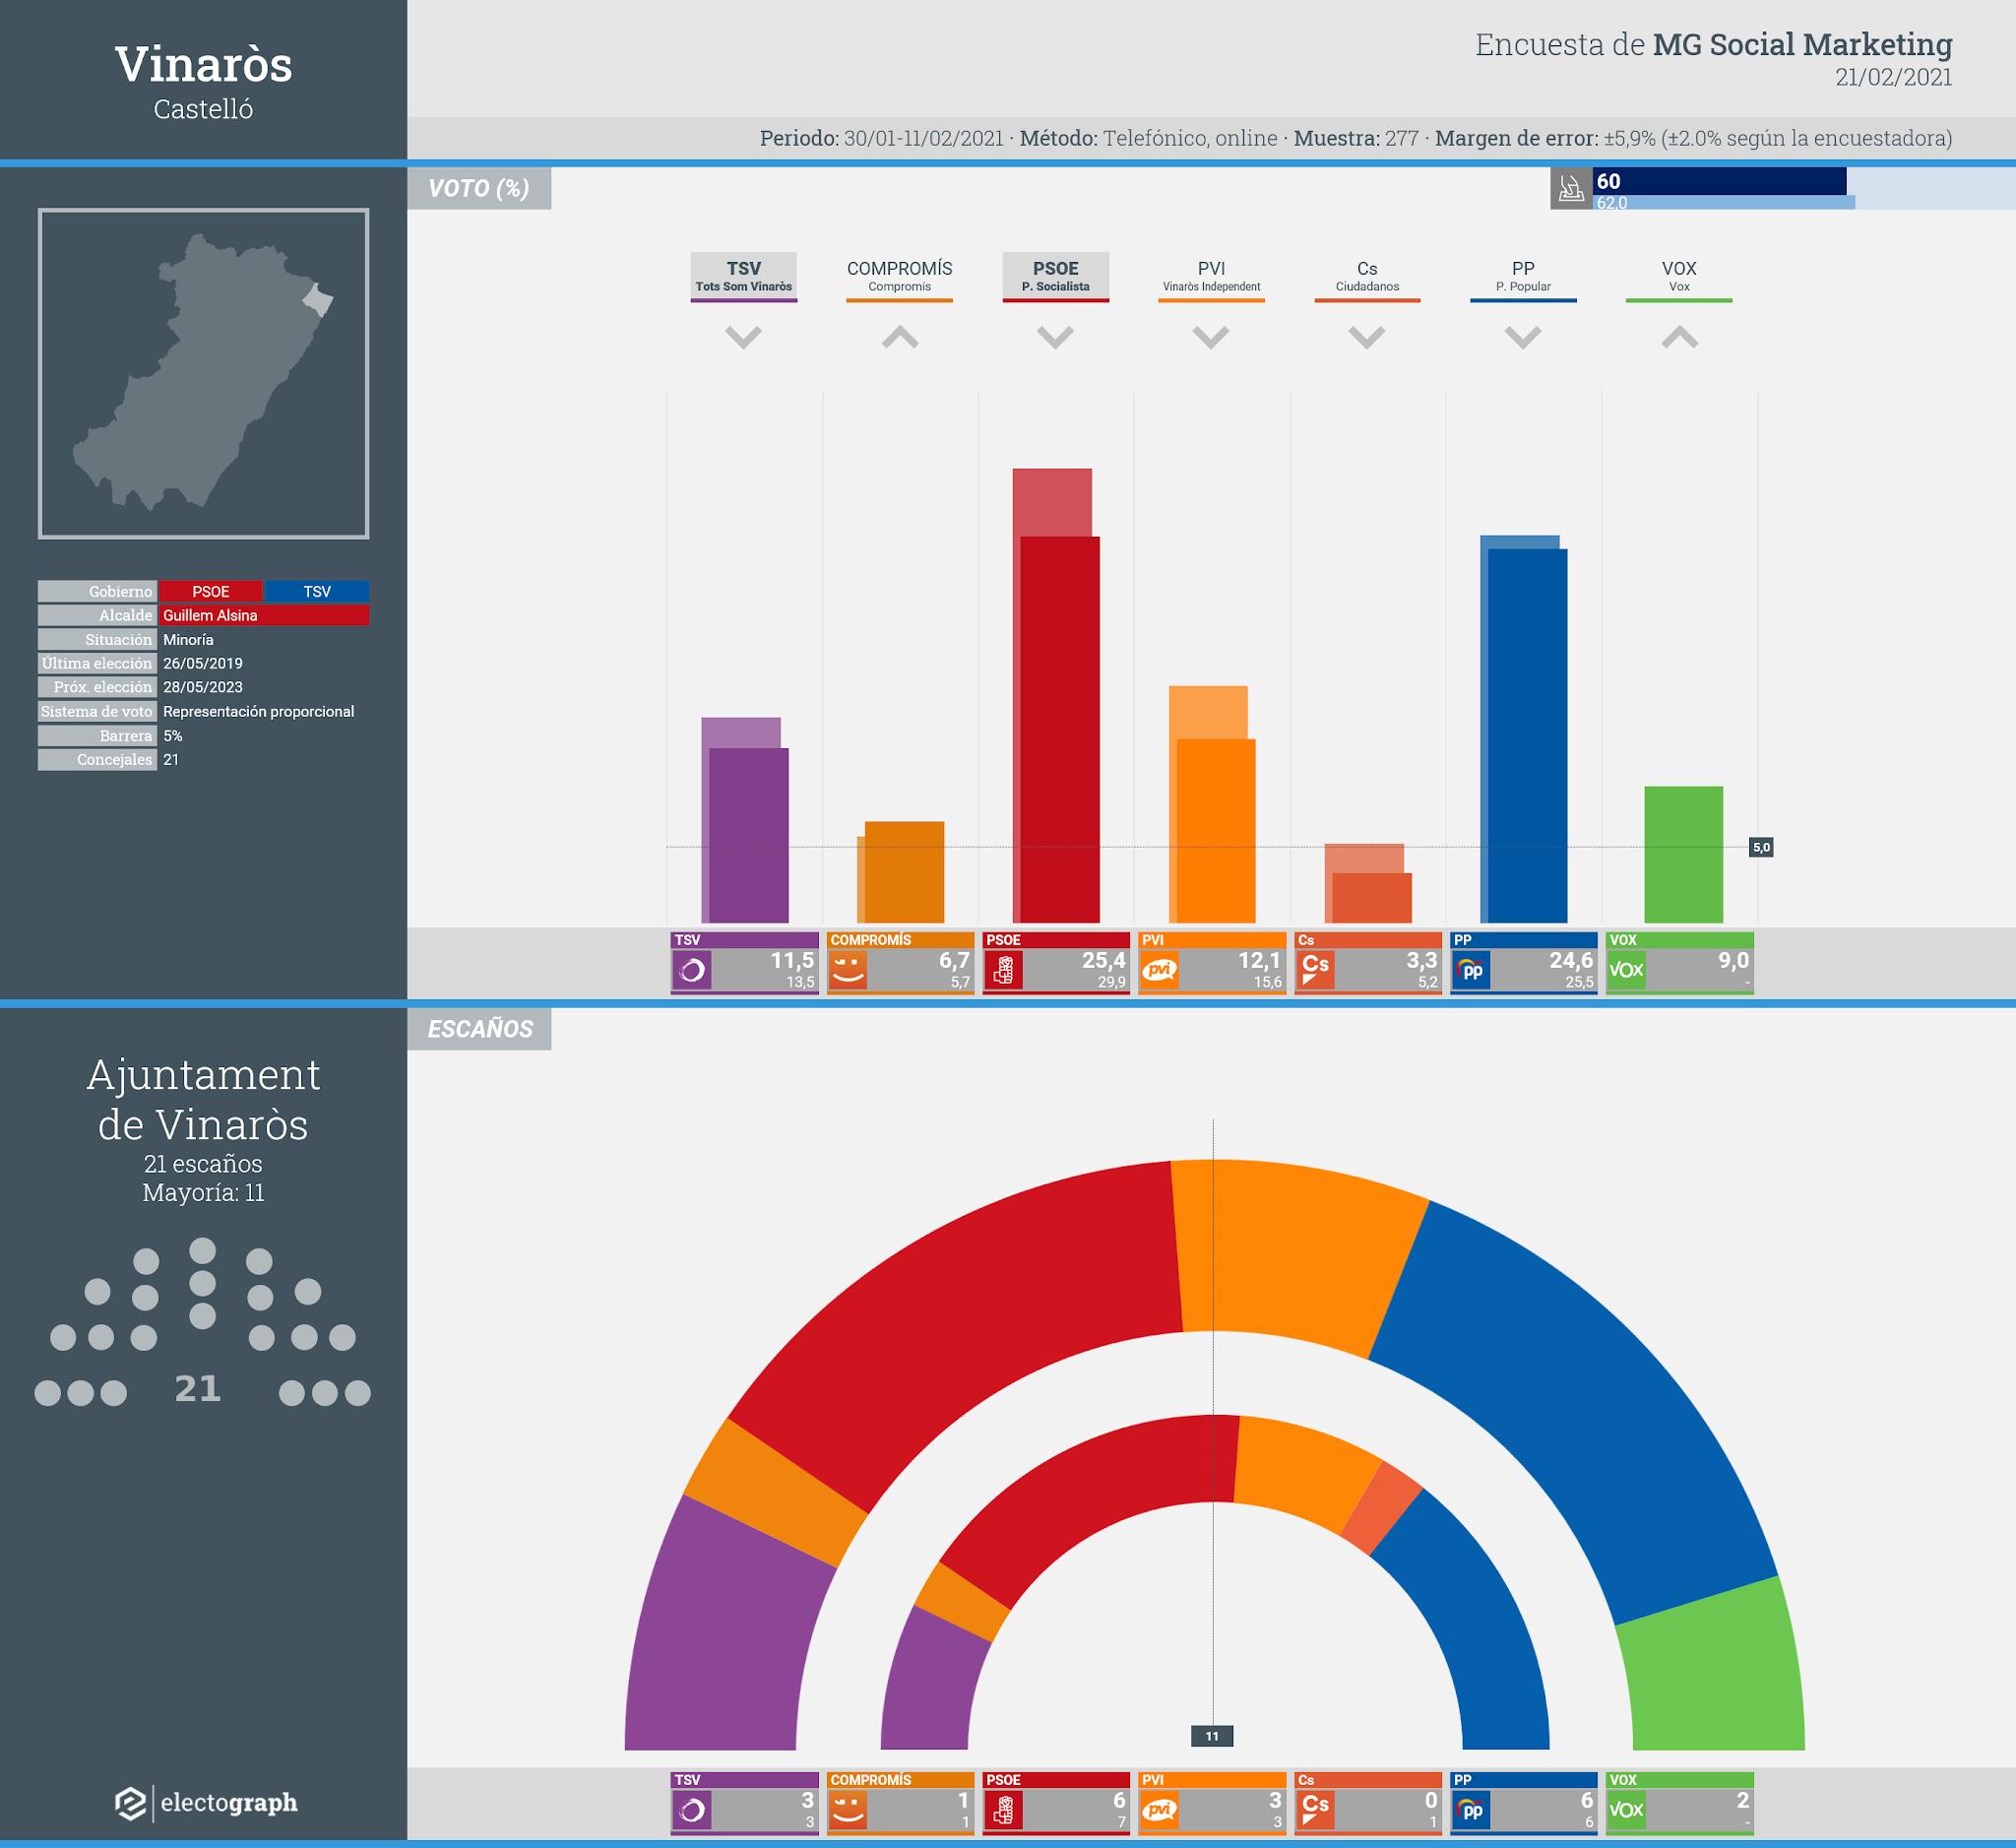 Gráfico de la encuesta para elecciones municipales en Vinaròs realizada por MG Social Marketing, 21 de febrero de 2021